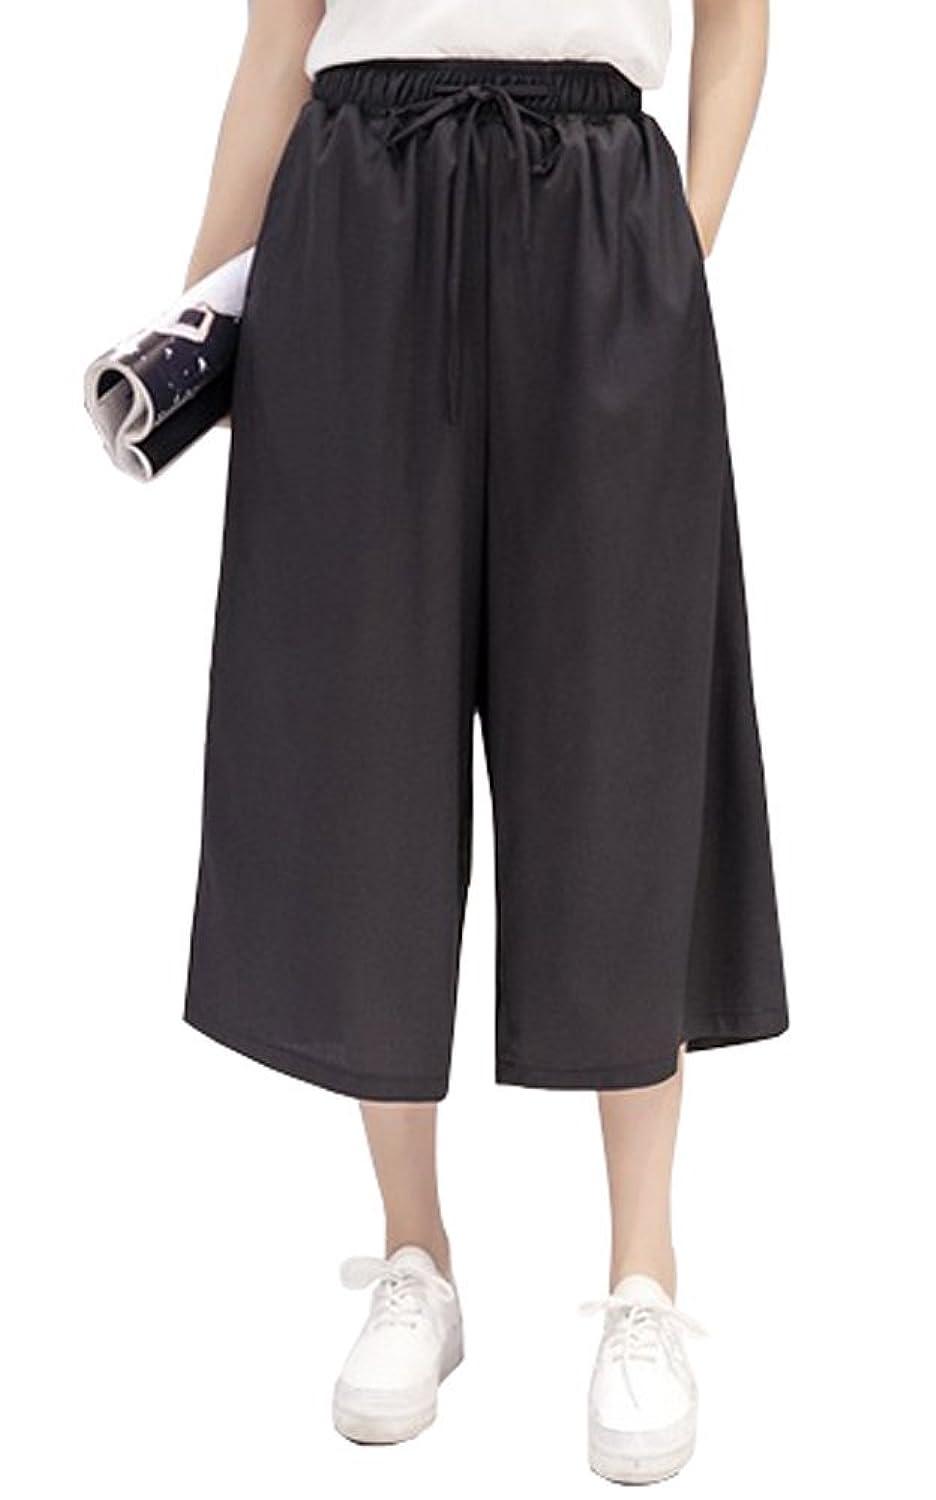 ELPIS レディース カラフル プチプラ カジュアル 7分丈 ガウチョ パンツ ワイド パンツ スカンツ スカーチョ キュロット ウエスト ゴム 5色 S M L XL(ブラック,S)